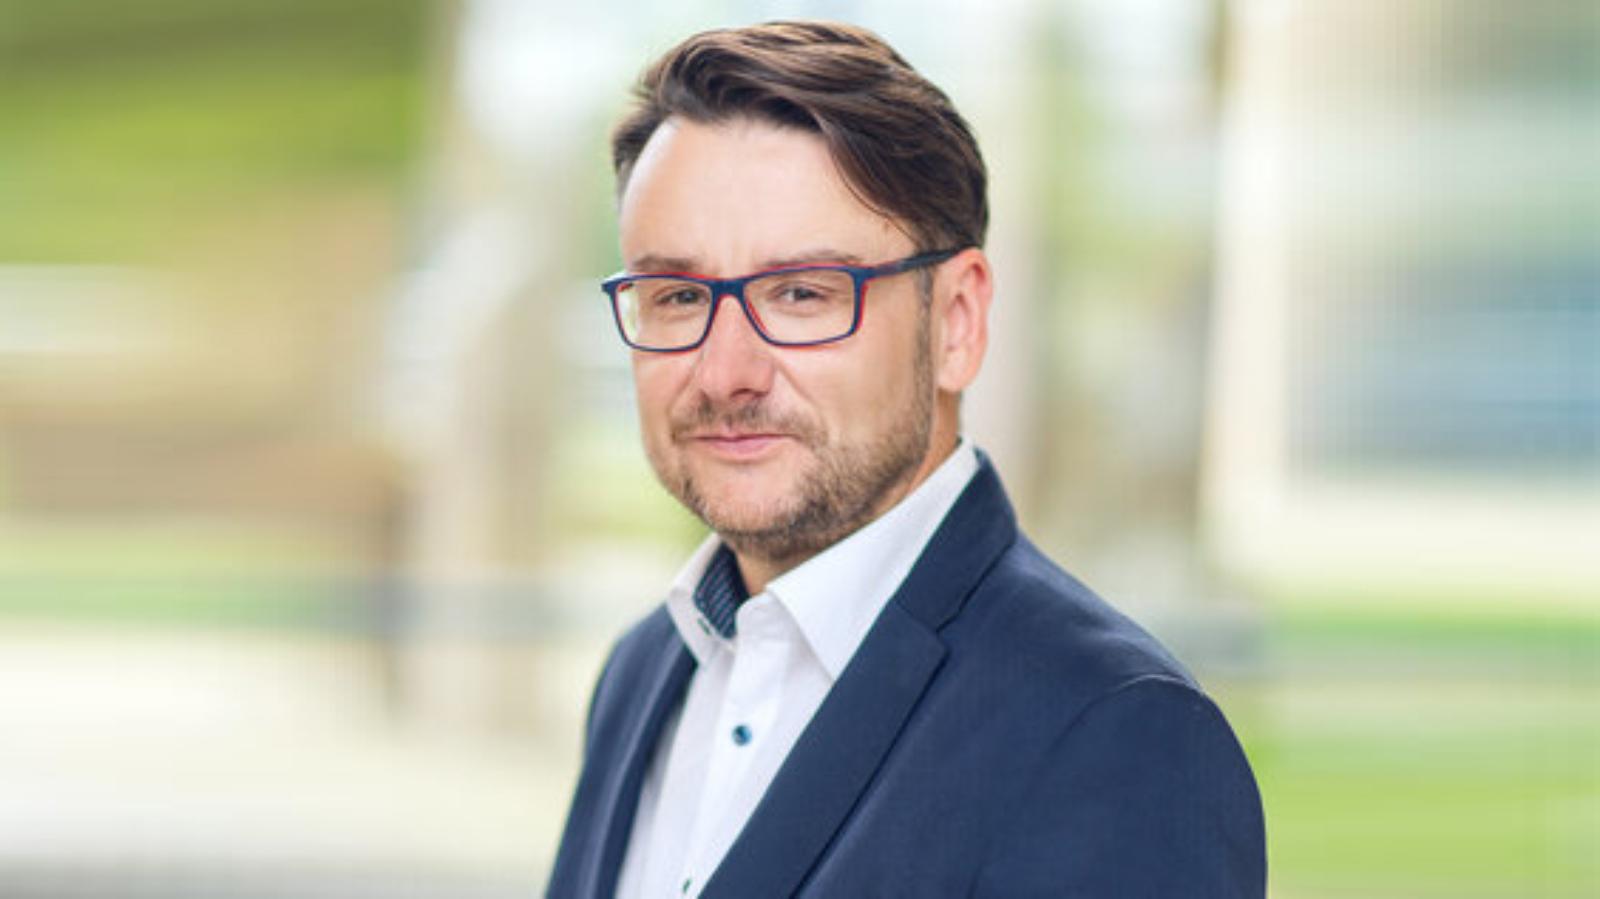 Ergo Hestia z nowym Rzecznikiem awans mediarun ergo hestia Marcin Dybuk rzecznik prasowy 2019